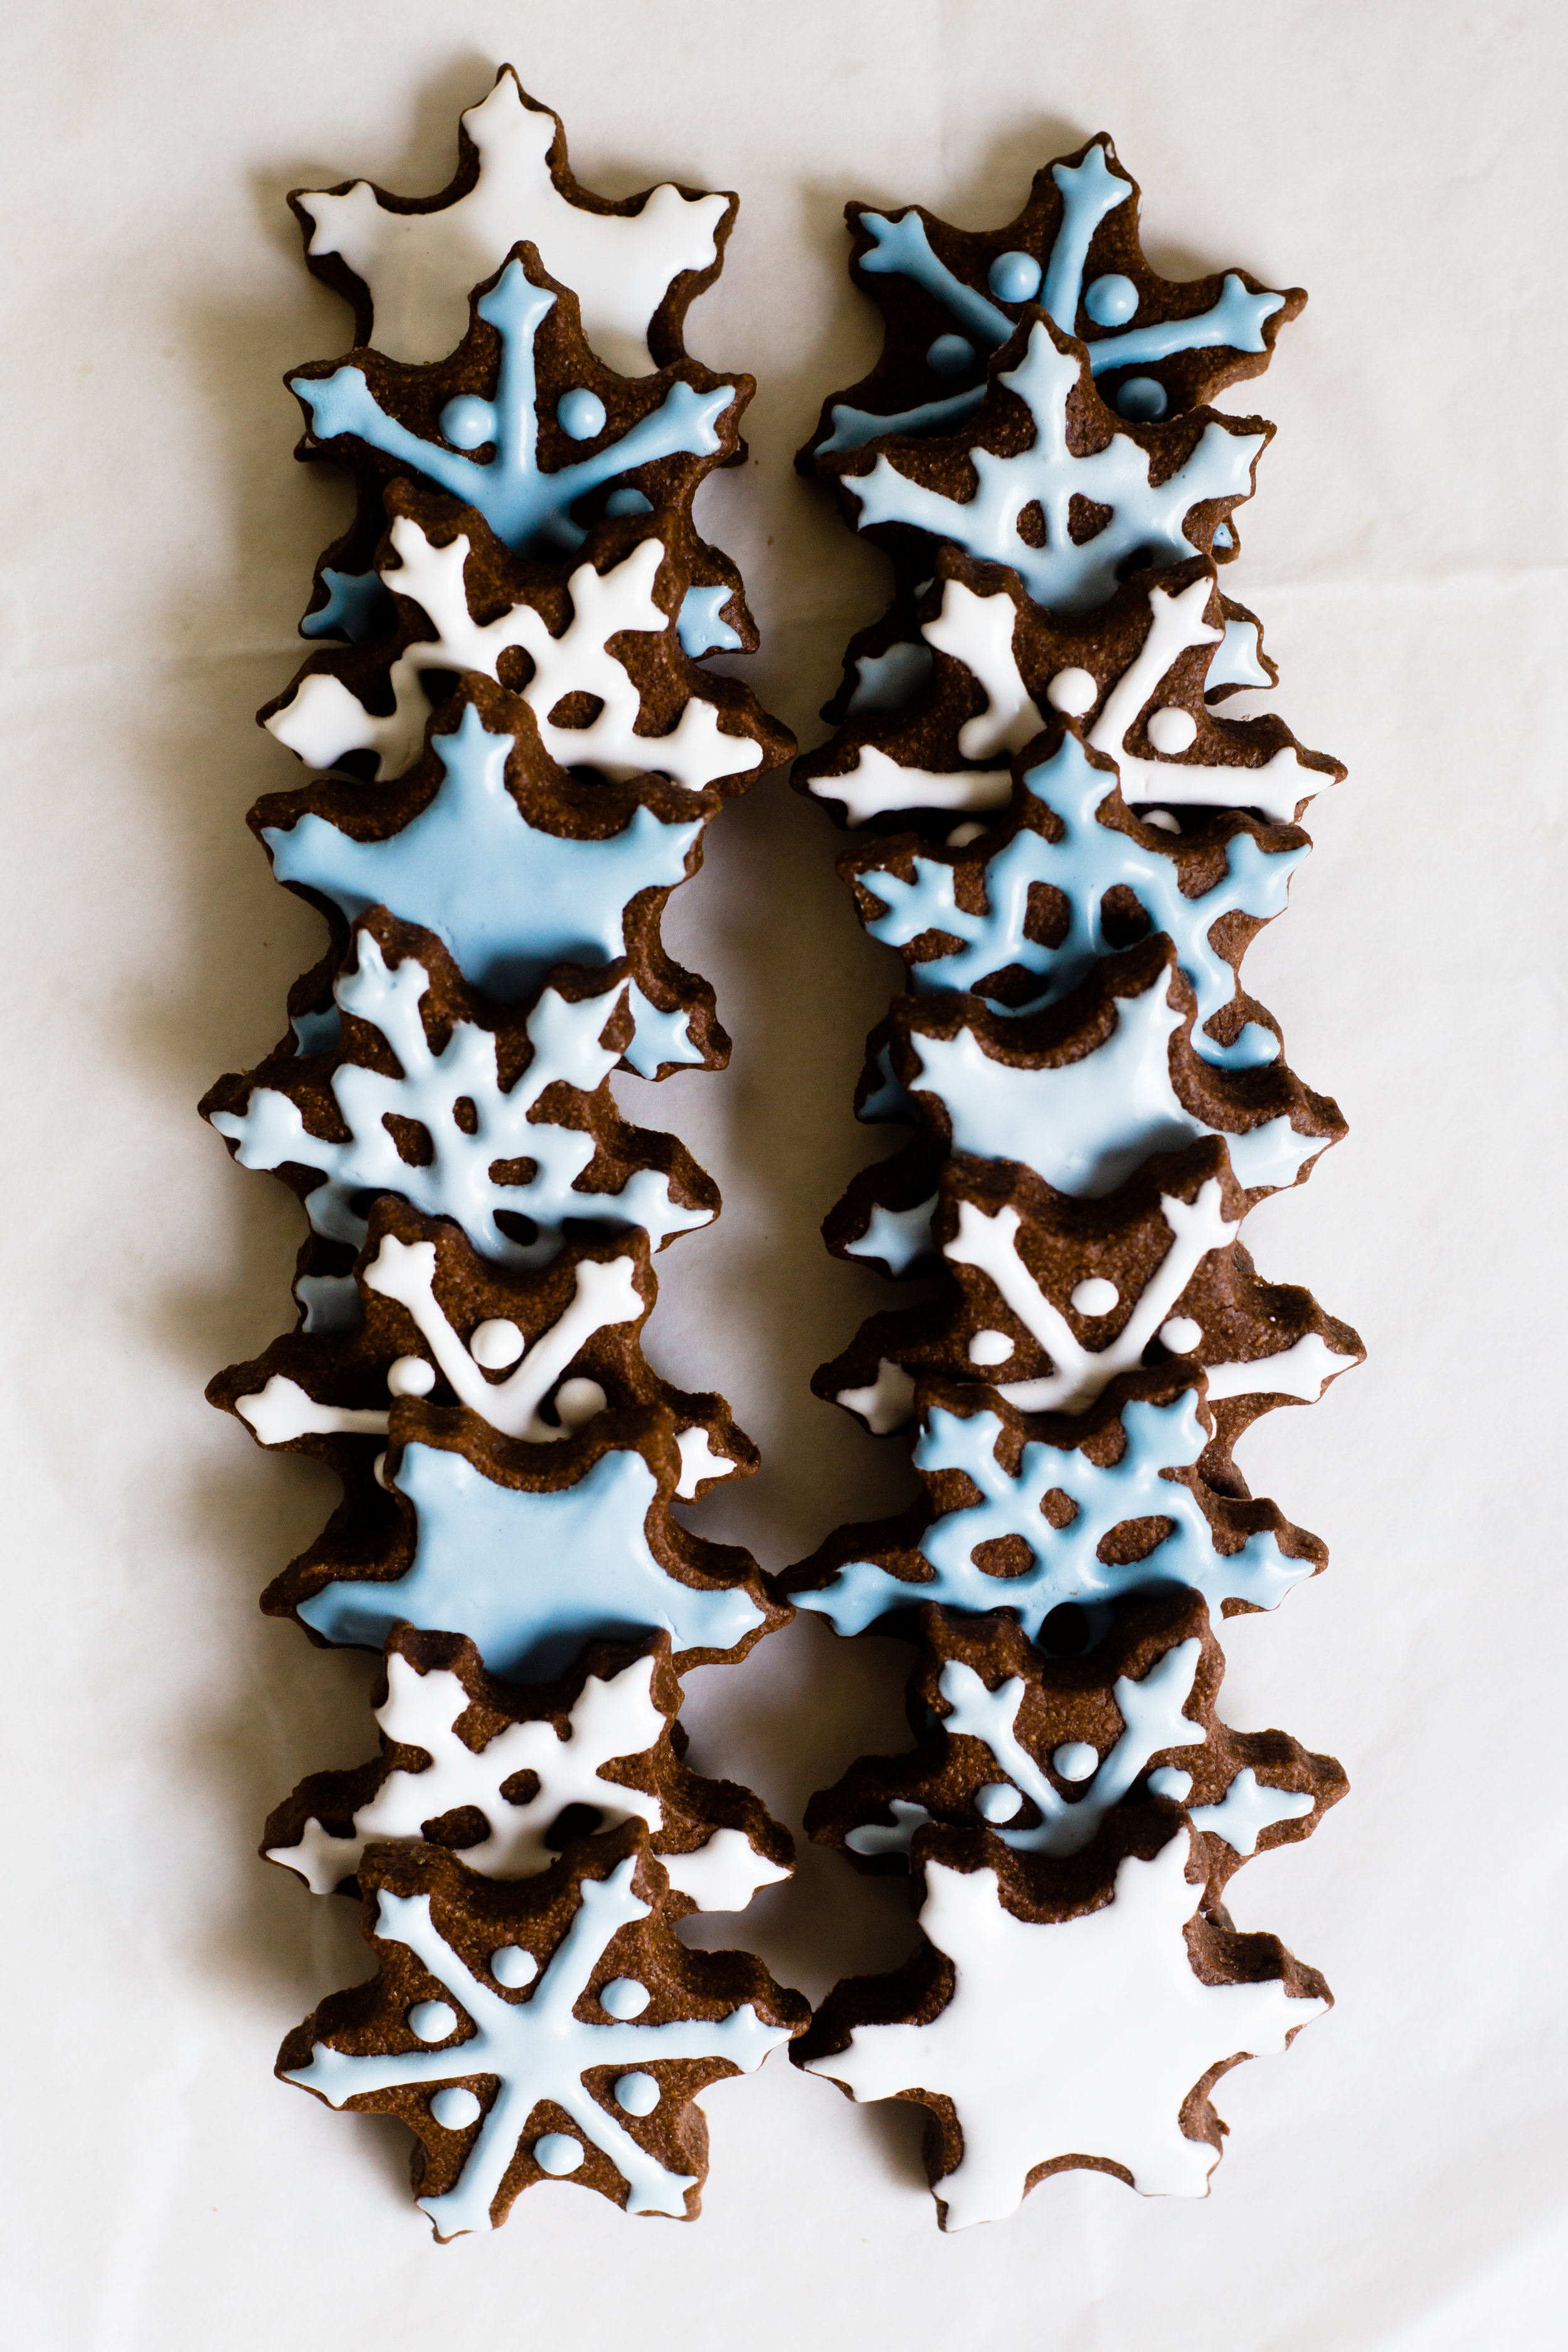 snowflake_chocolate_sugar_cookies-12.jpg